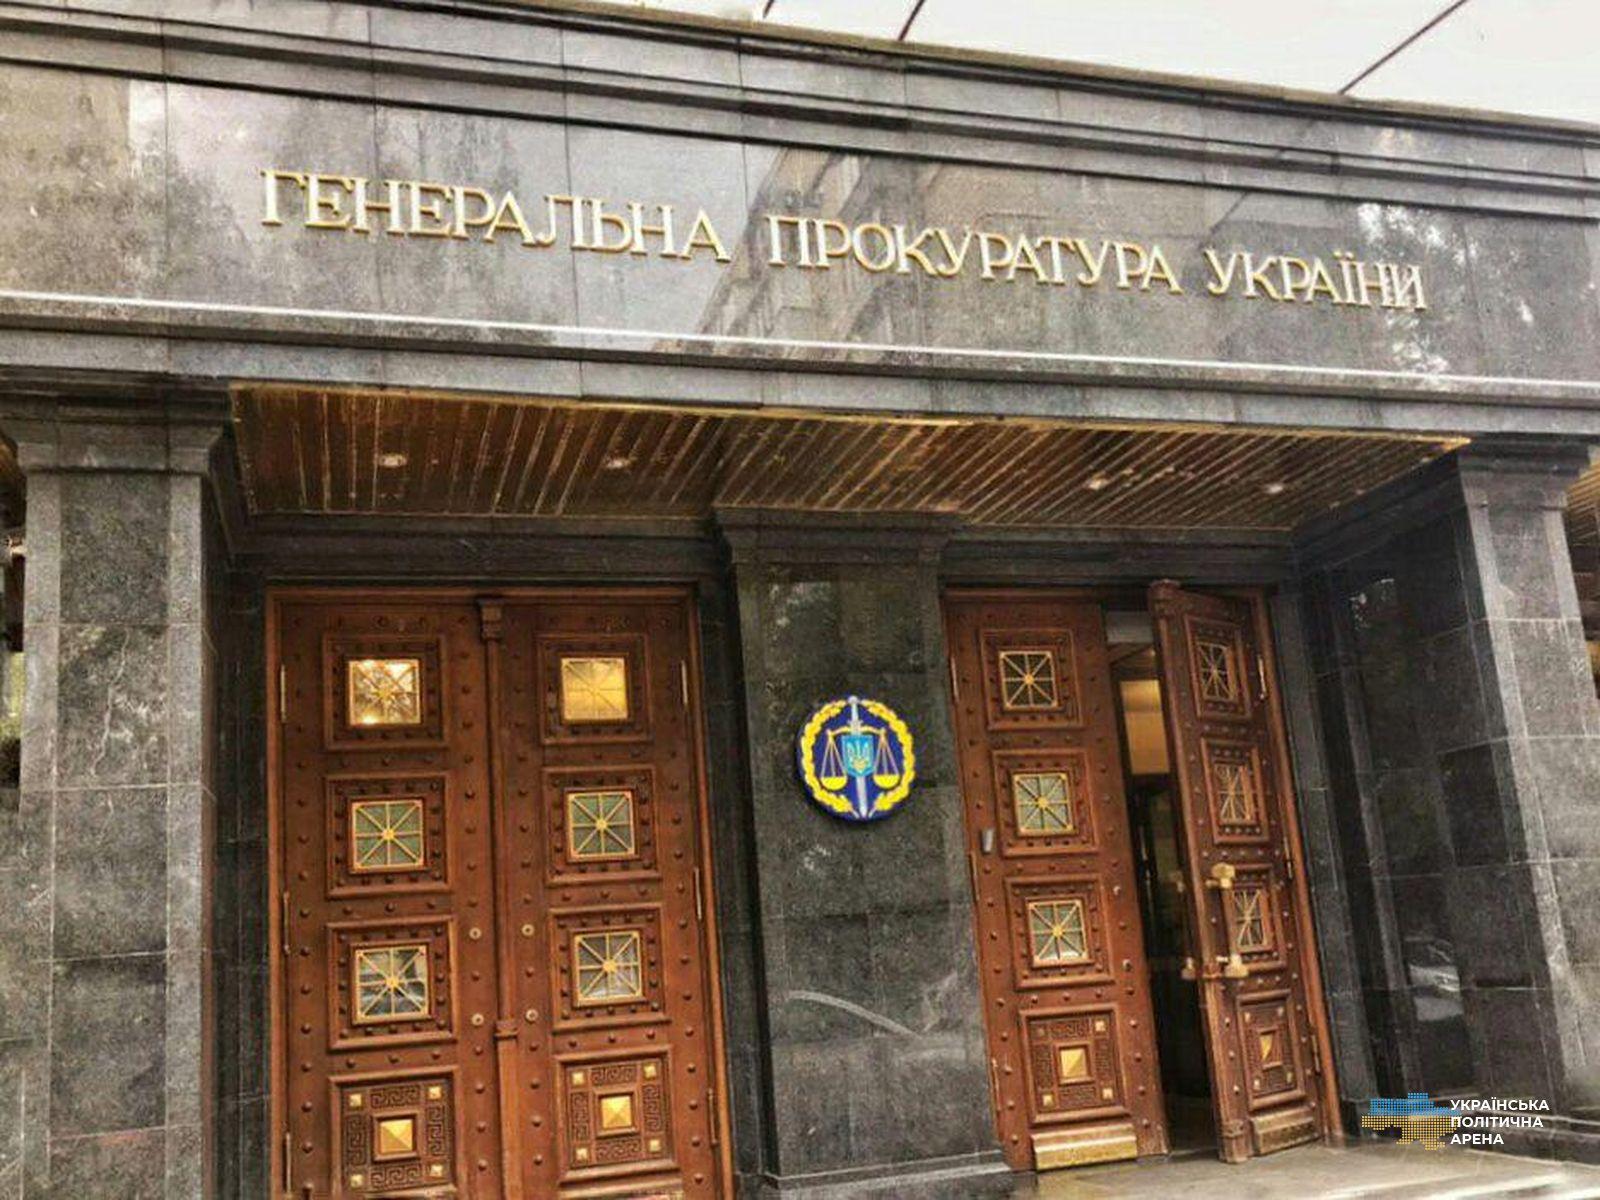 Замість Генпрокуратури з'явився Офіс генпрокурора -  - photo 2019 08 01 14 14 37 3 result